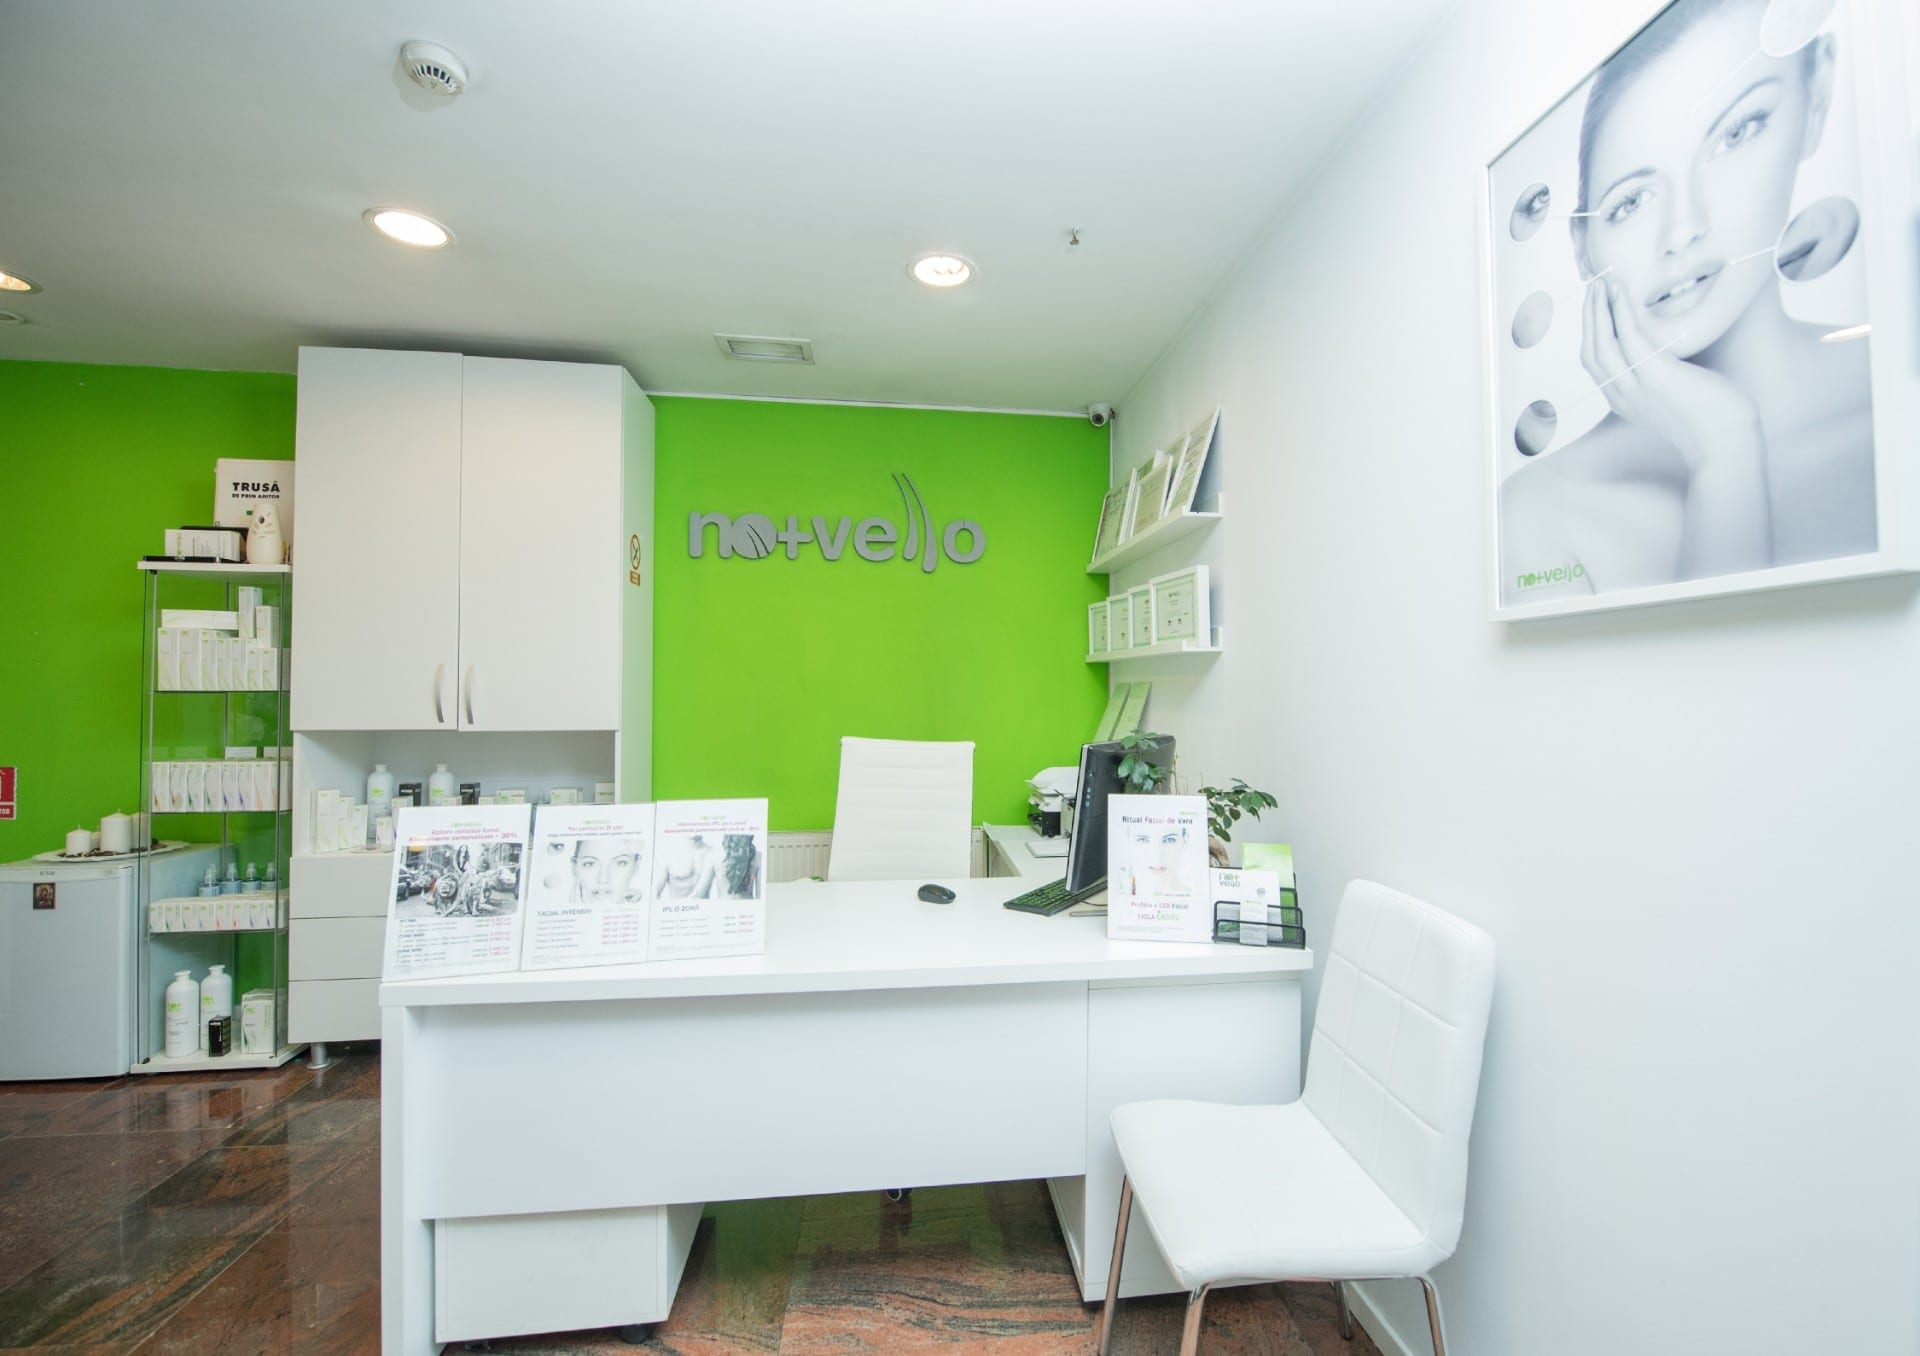 Salon Epilare Definitiva Tratamente Faciale Bucuresti Baneasa